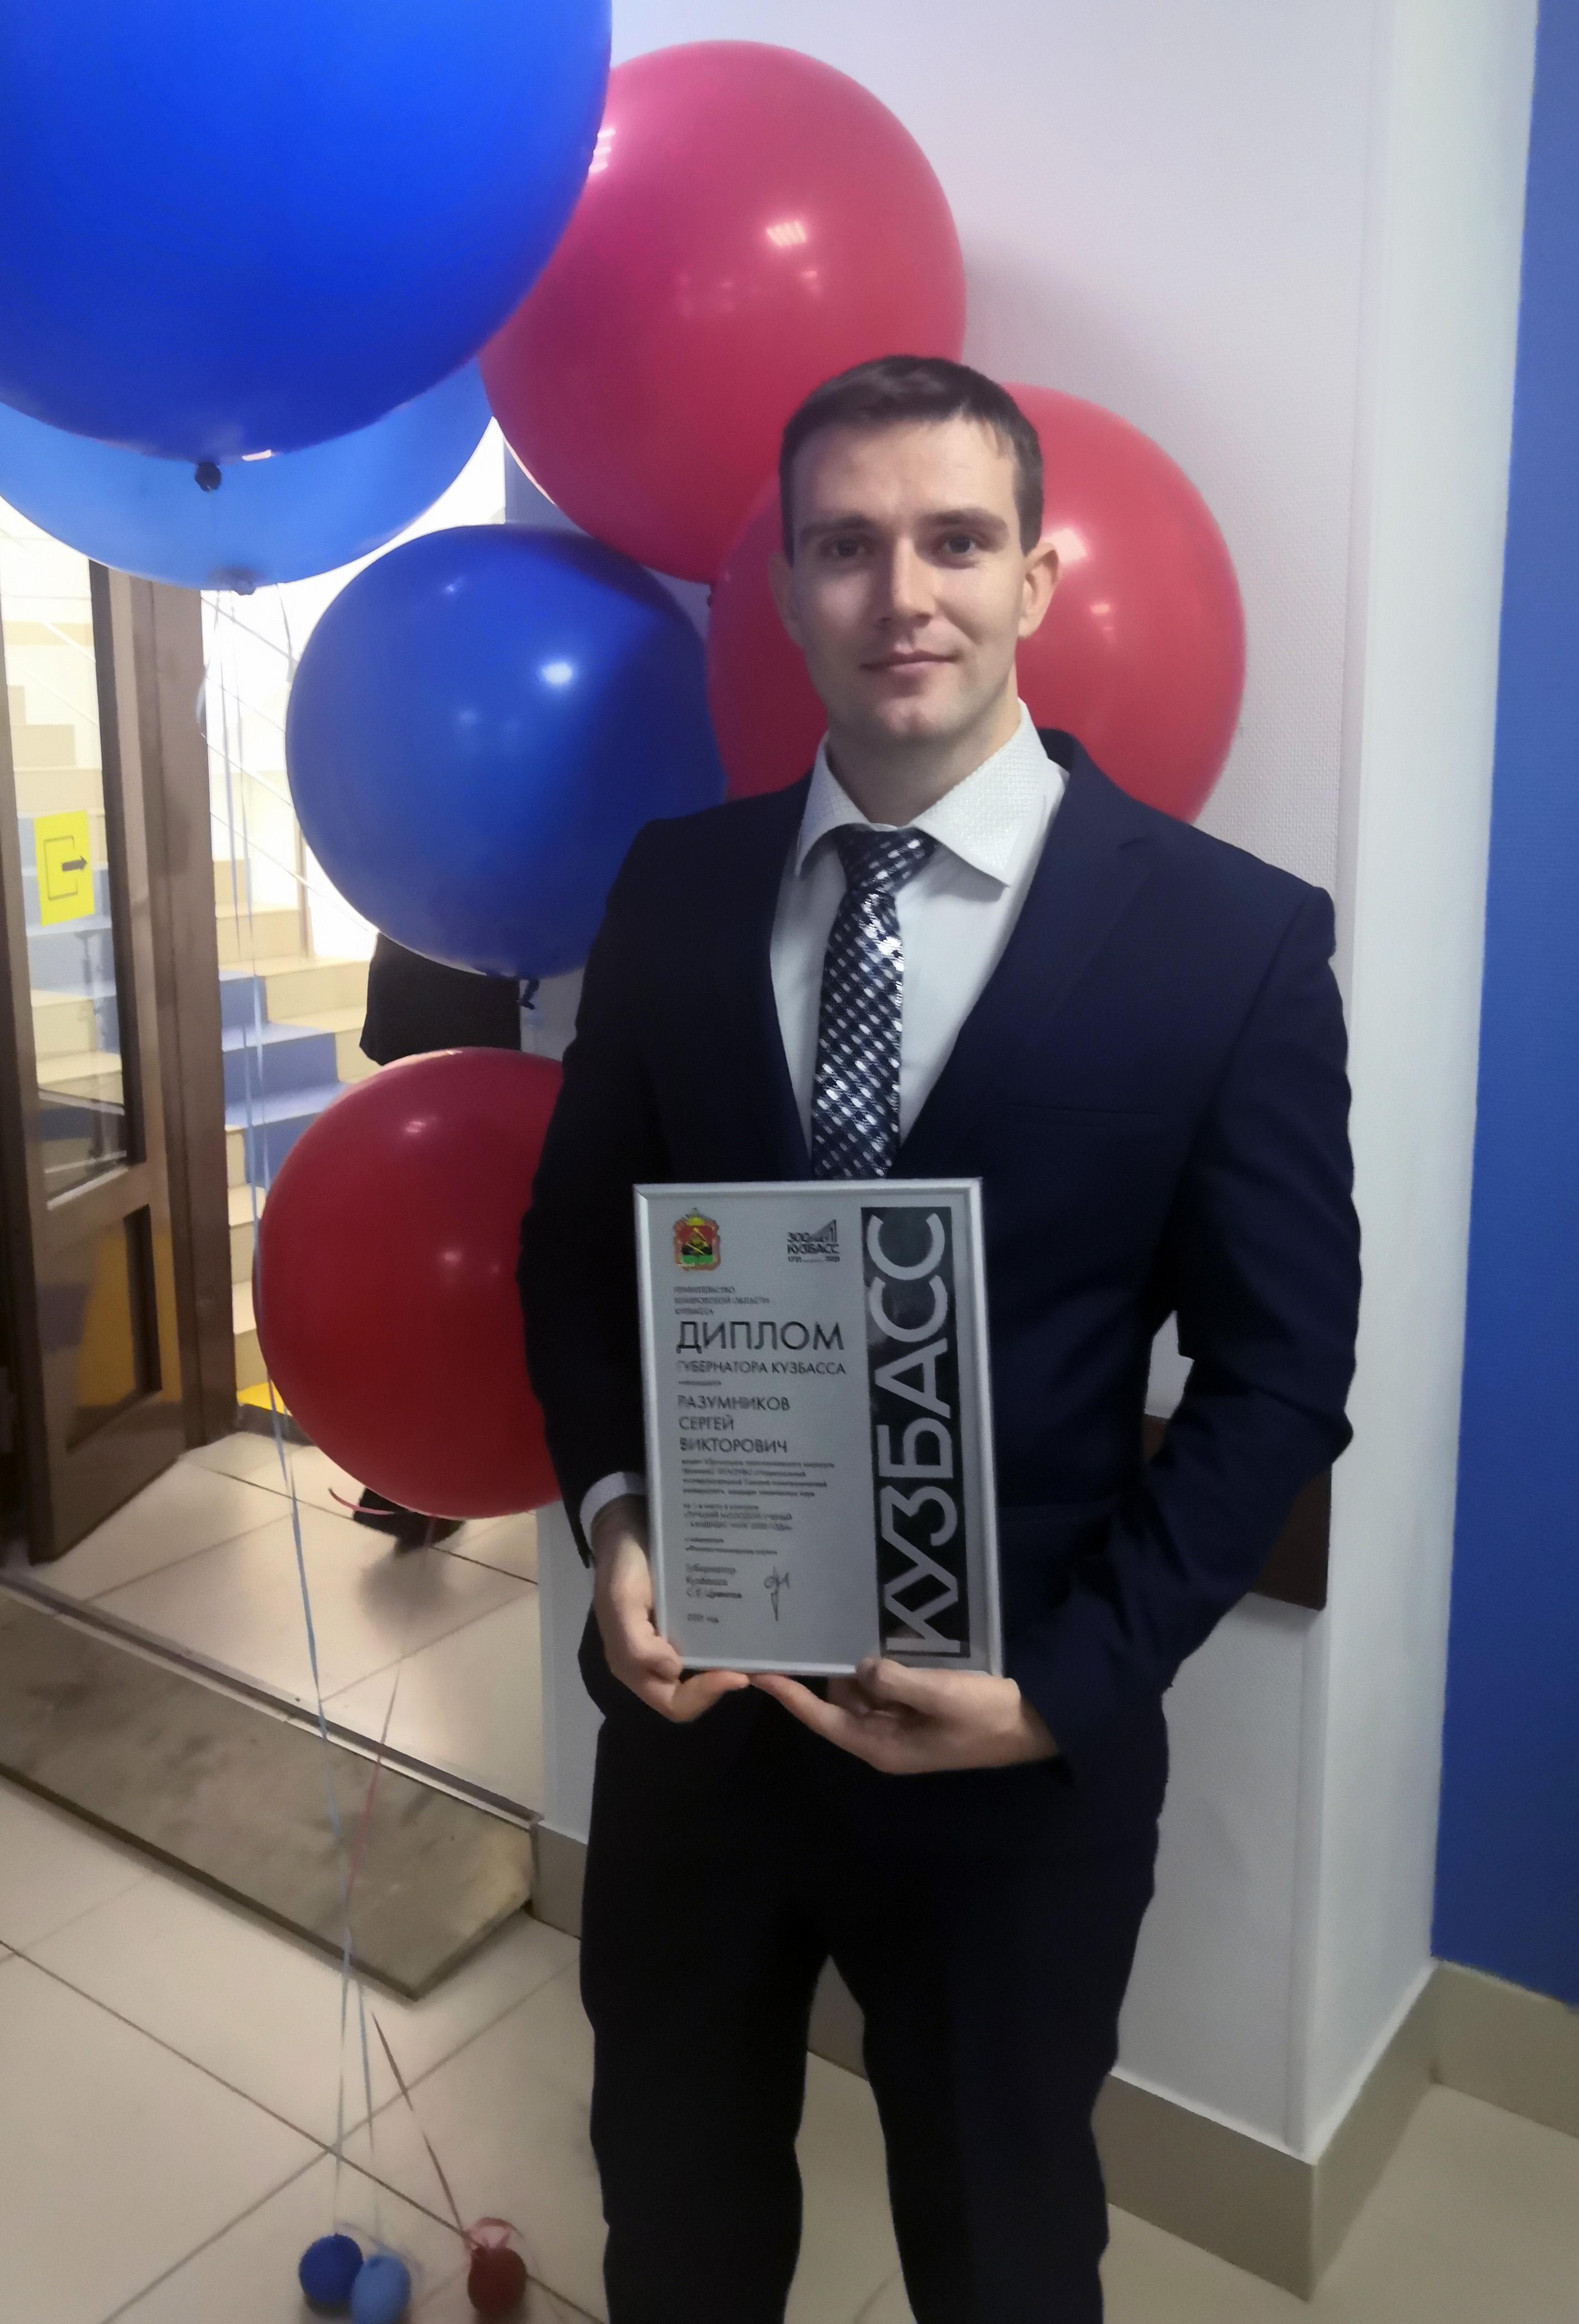 Доцент ЮТИ ТПУ признан лучшим молодым ученым Кузбасса 2020 года